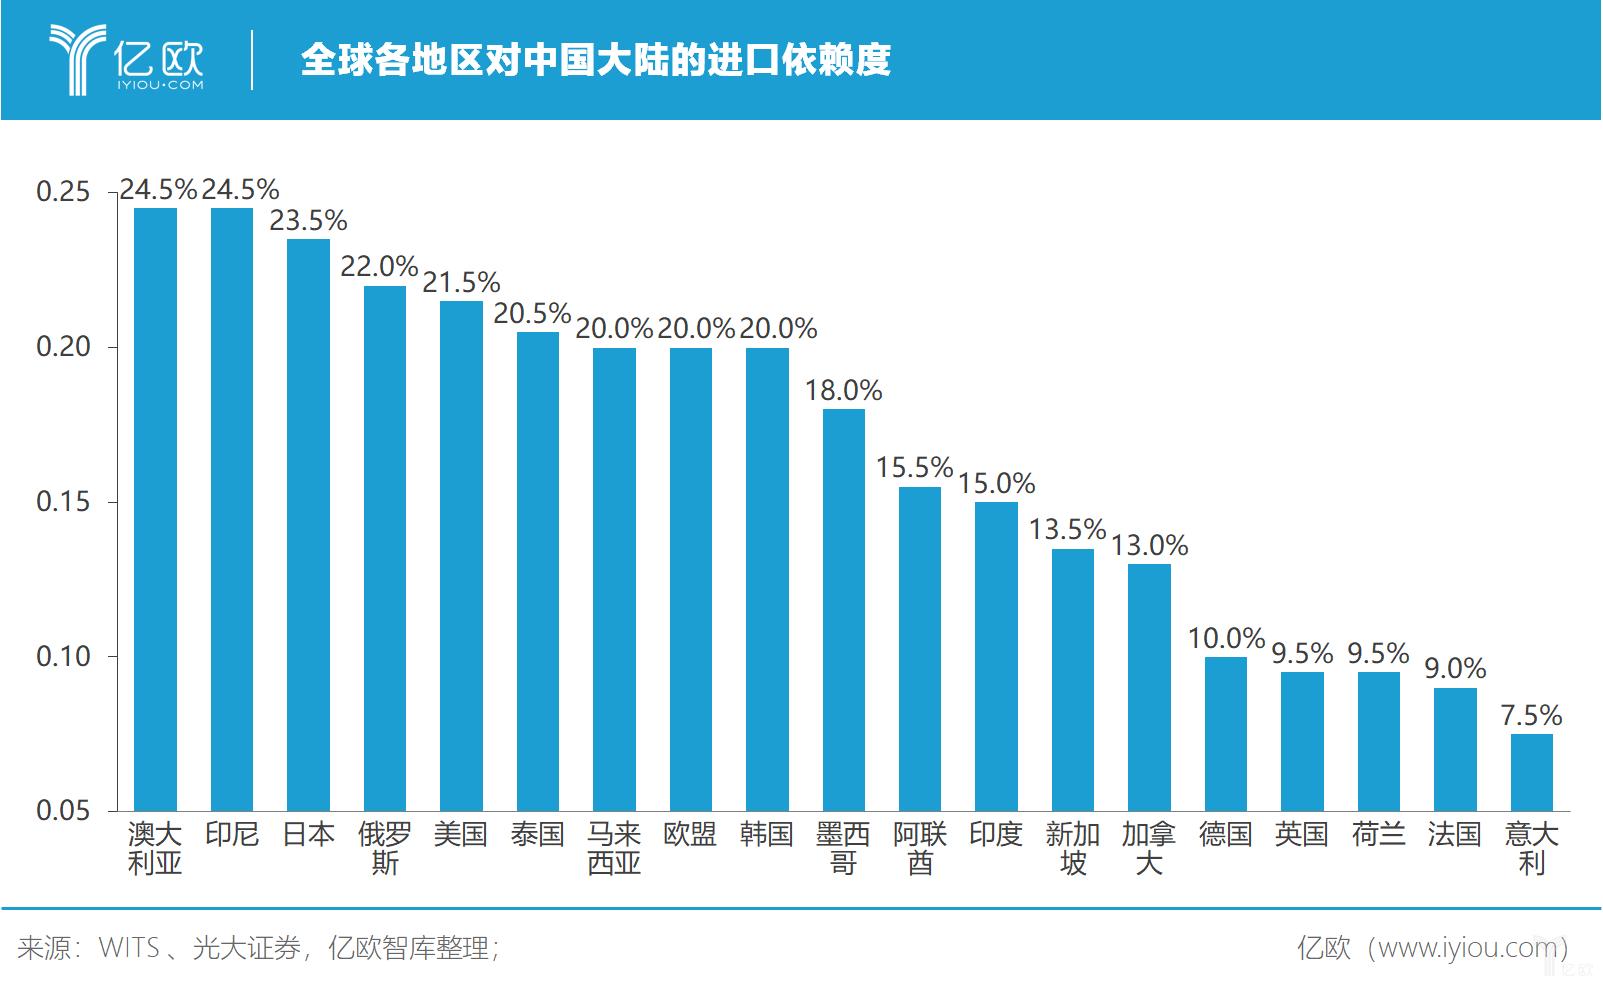 億歐智庫:全球各地区对中国大陆的进口依赖度